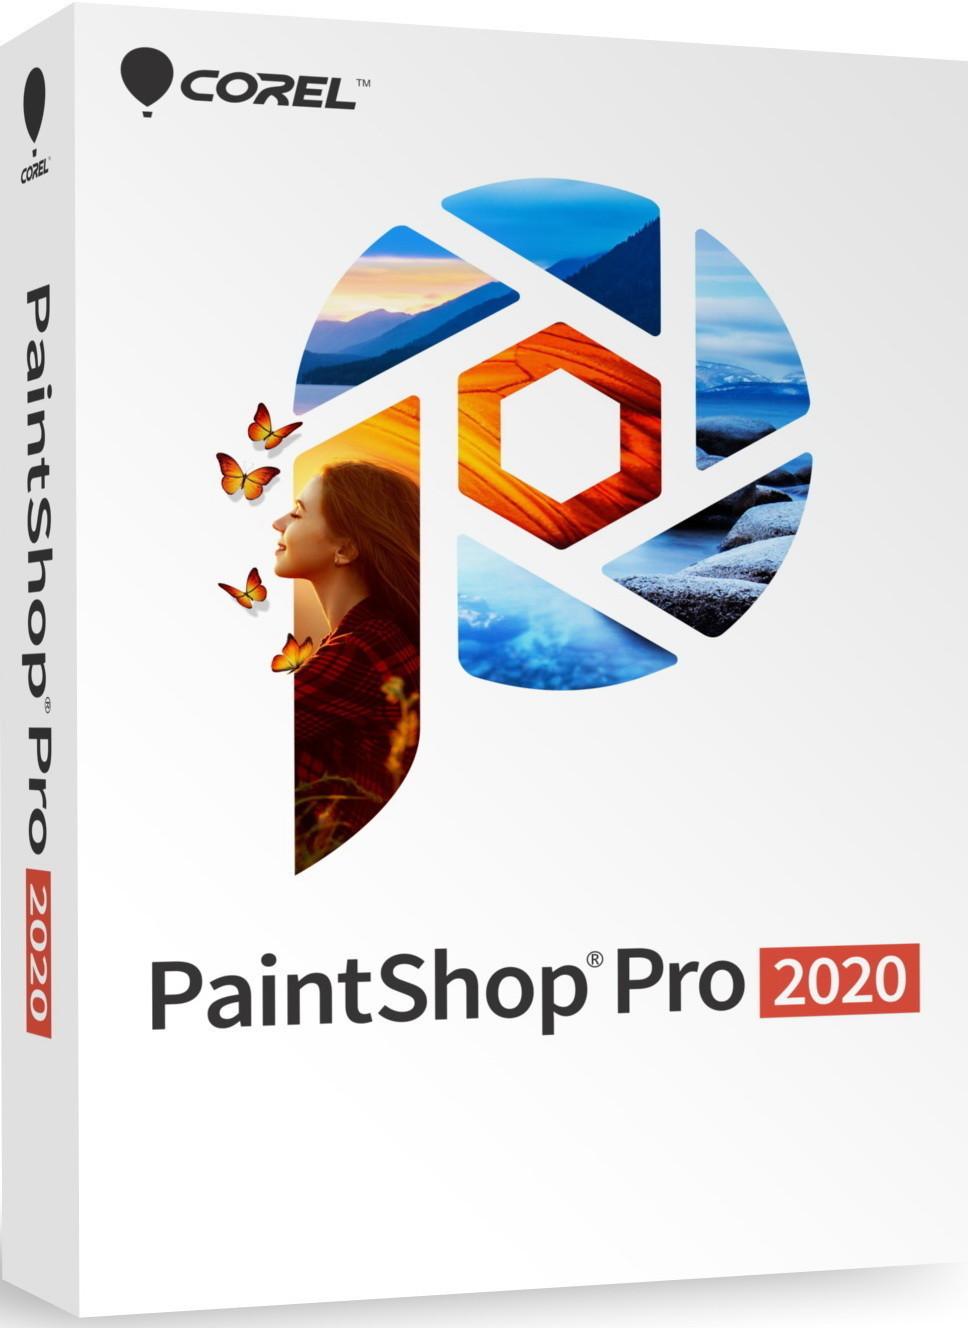 Image of Corel PaintShop Pro 2020